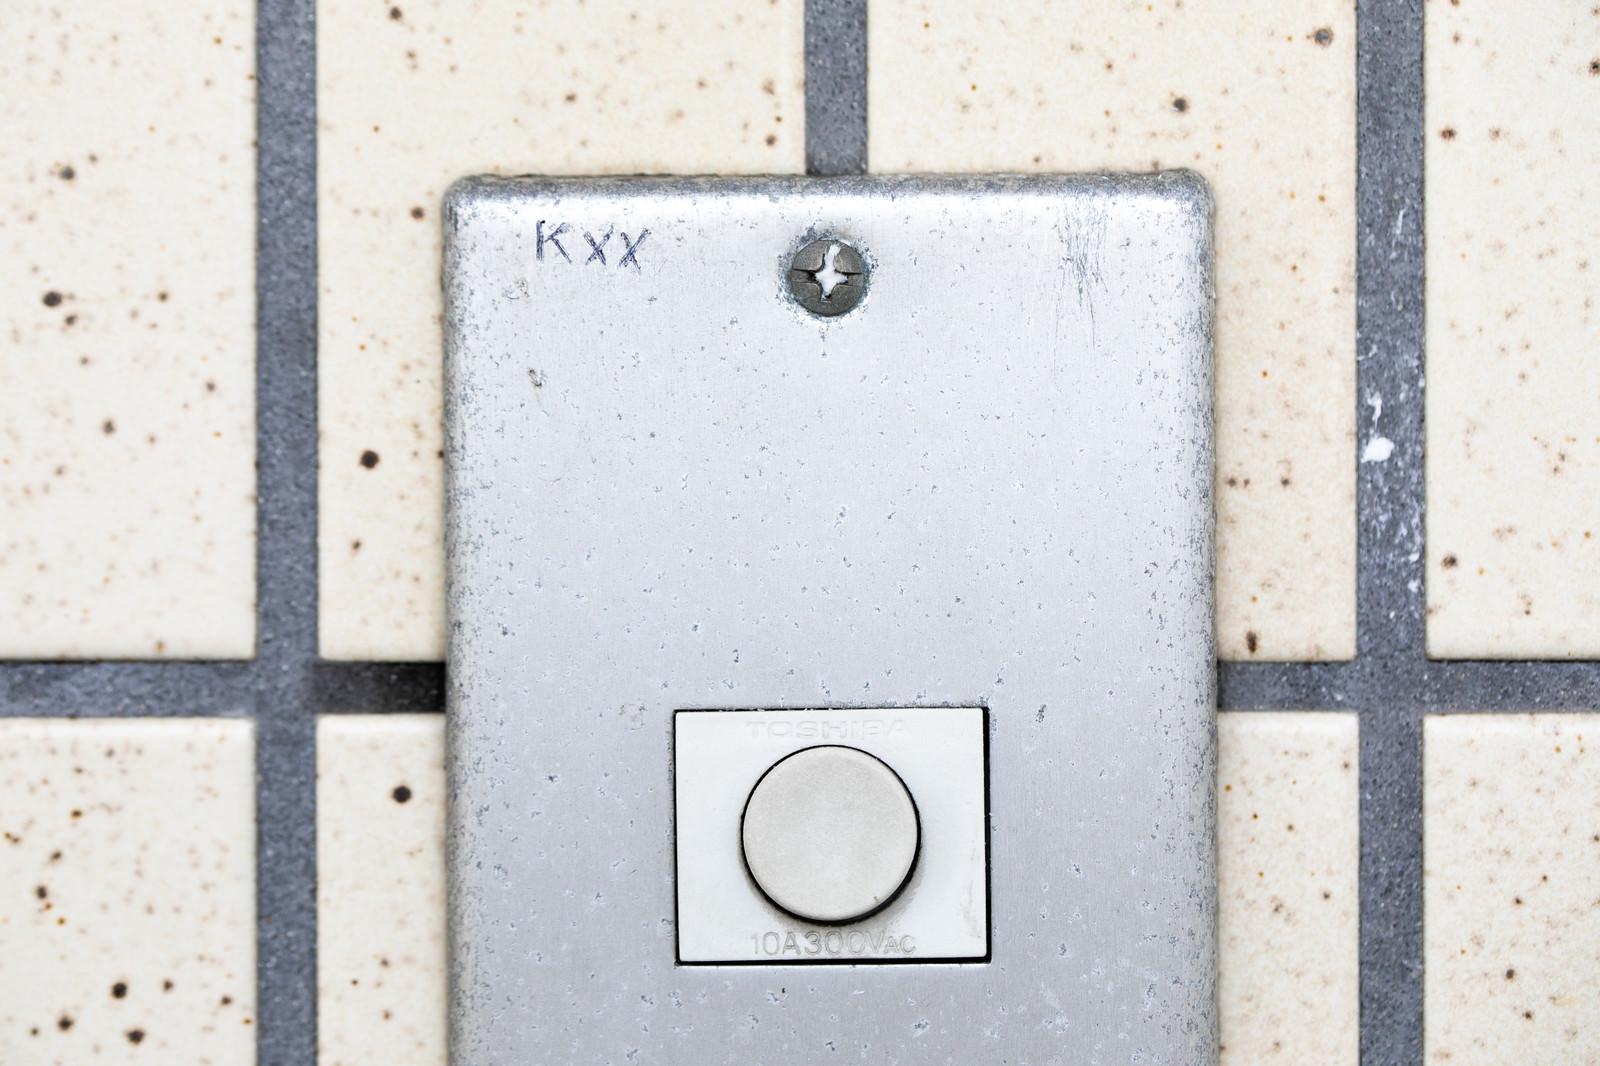 「玄関チャイムのマーキング(Kxx)ー「玄関を開けずに2回断られた」玄関チャイムのマーキング(Kxx)ー「玄関を開けずに2回断られた」」のフリー写真素材を拡大